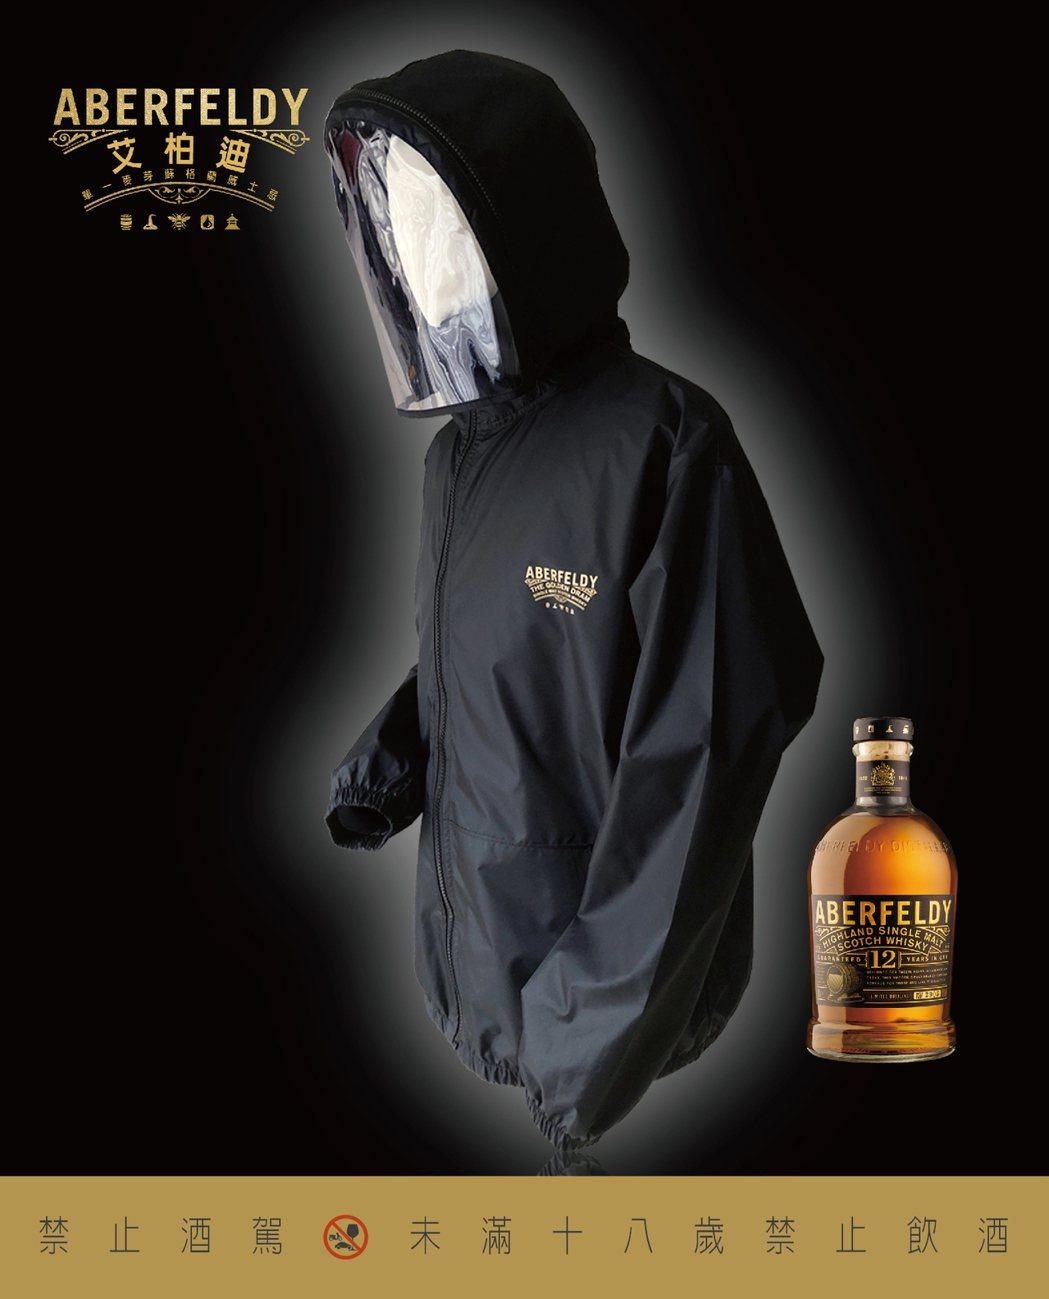 在家享受擁有超過30面金牌肯定的黃金玉液艾柏迪單一麥芽蘇格蘭威士忌,出外穿上防疫...